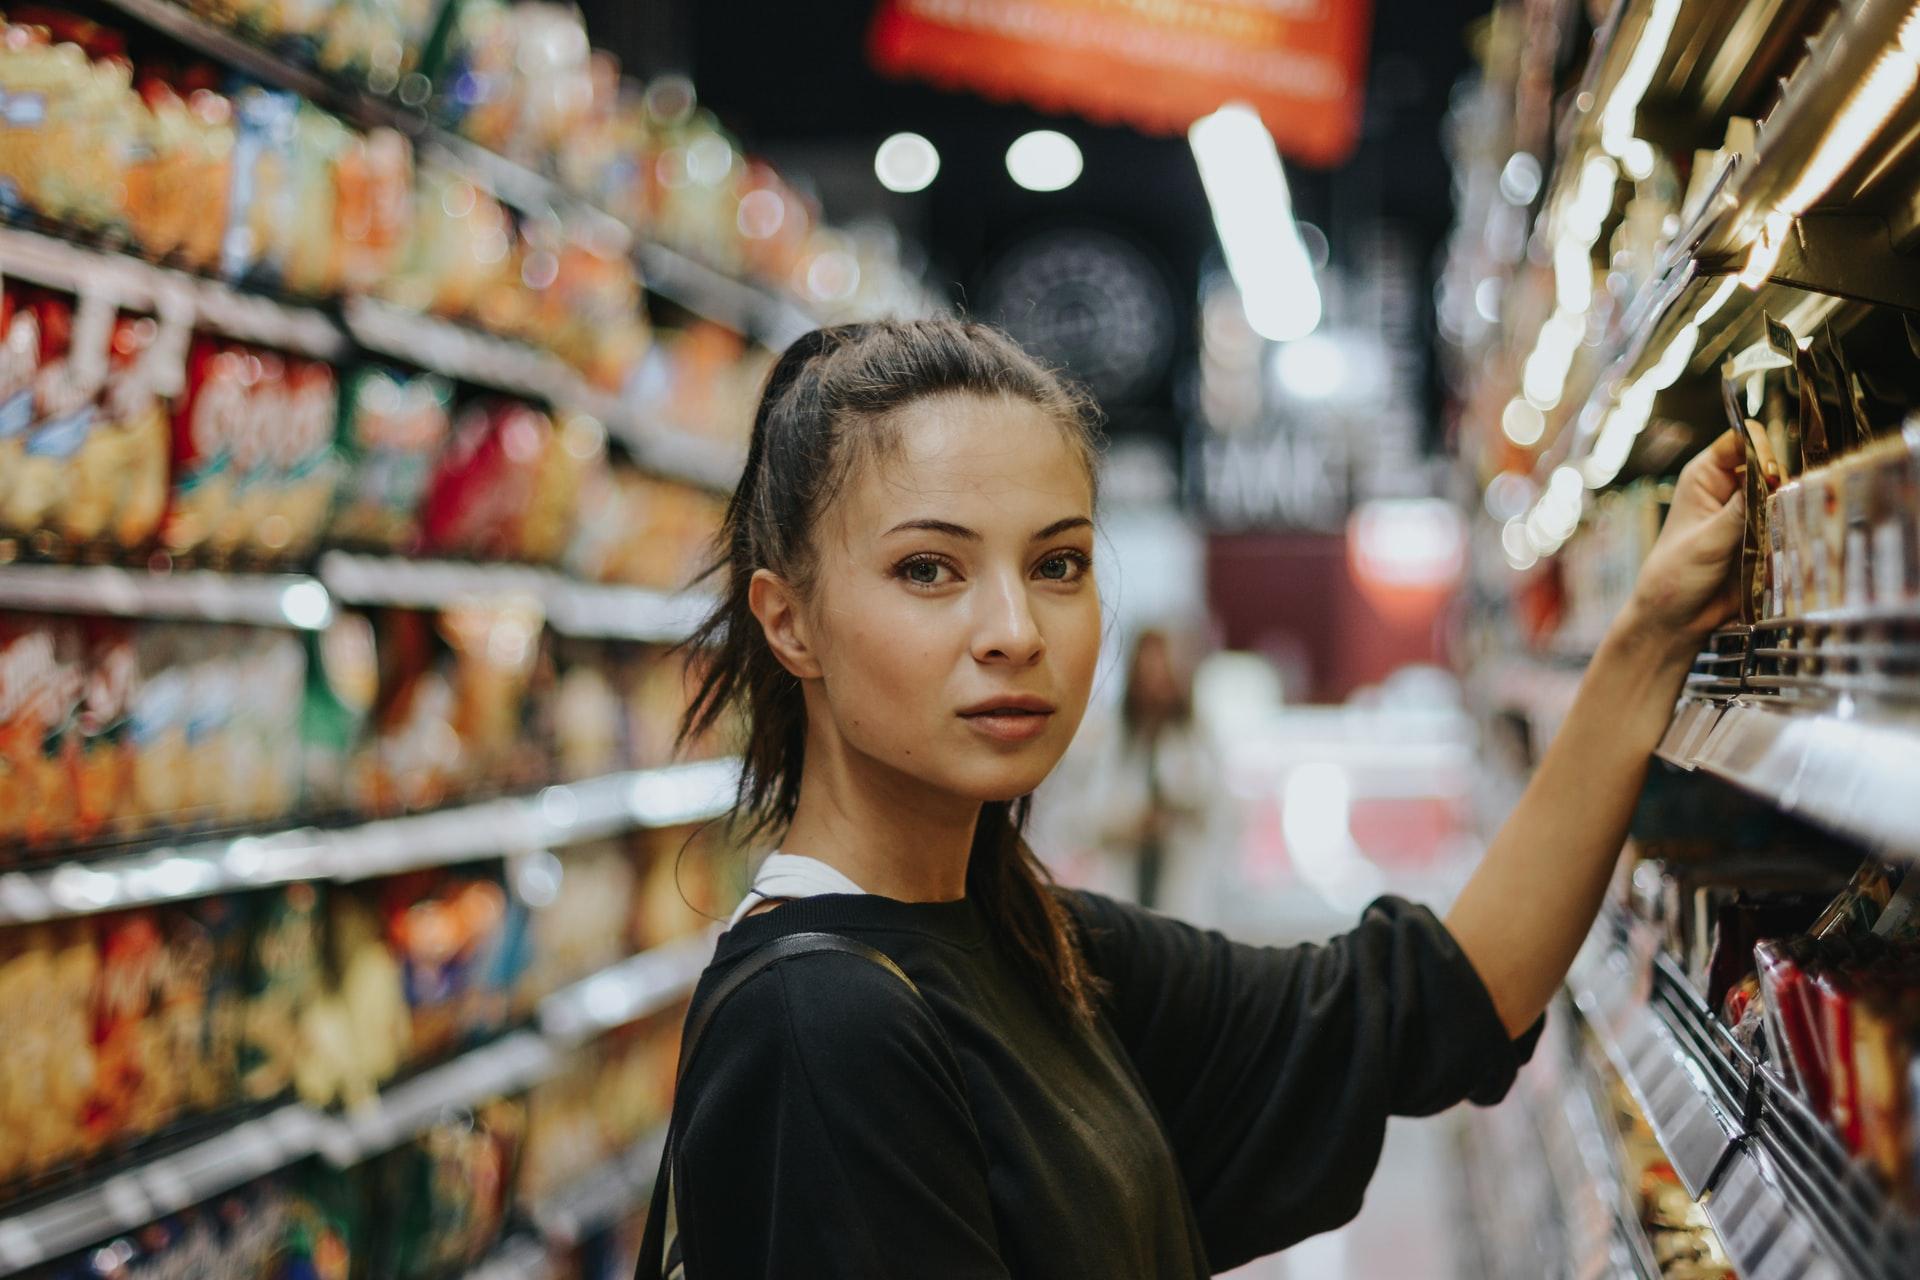 la trampa de supermercado